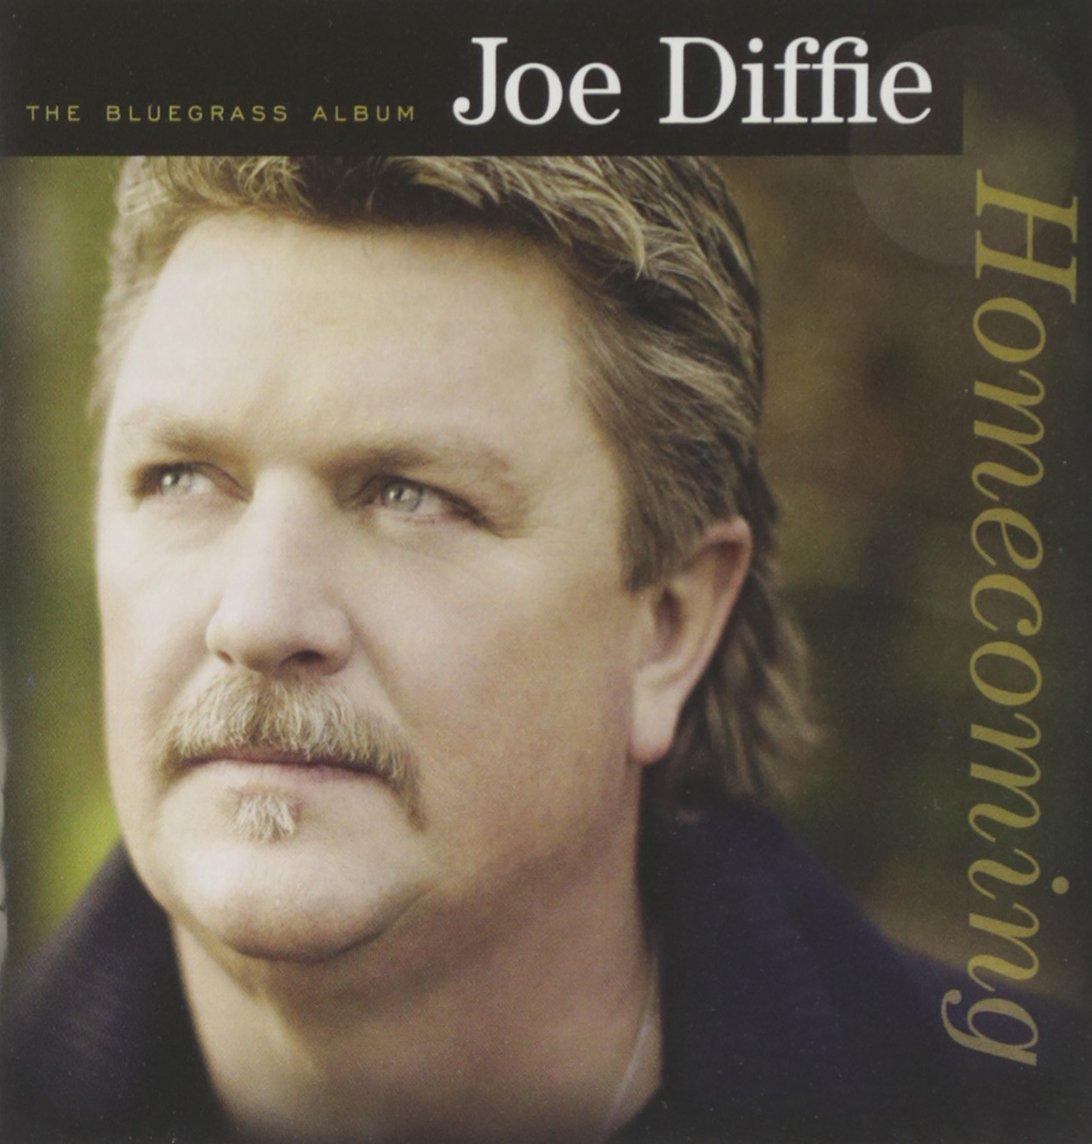 CD : Joe Diffie - Homecoming: The Bluegrass Album (CD)